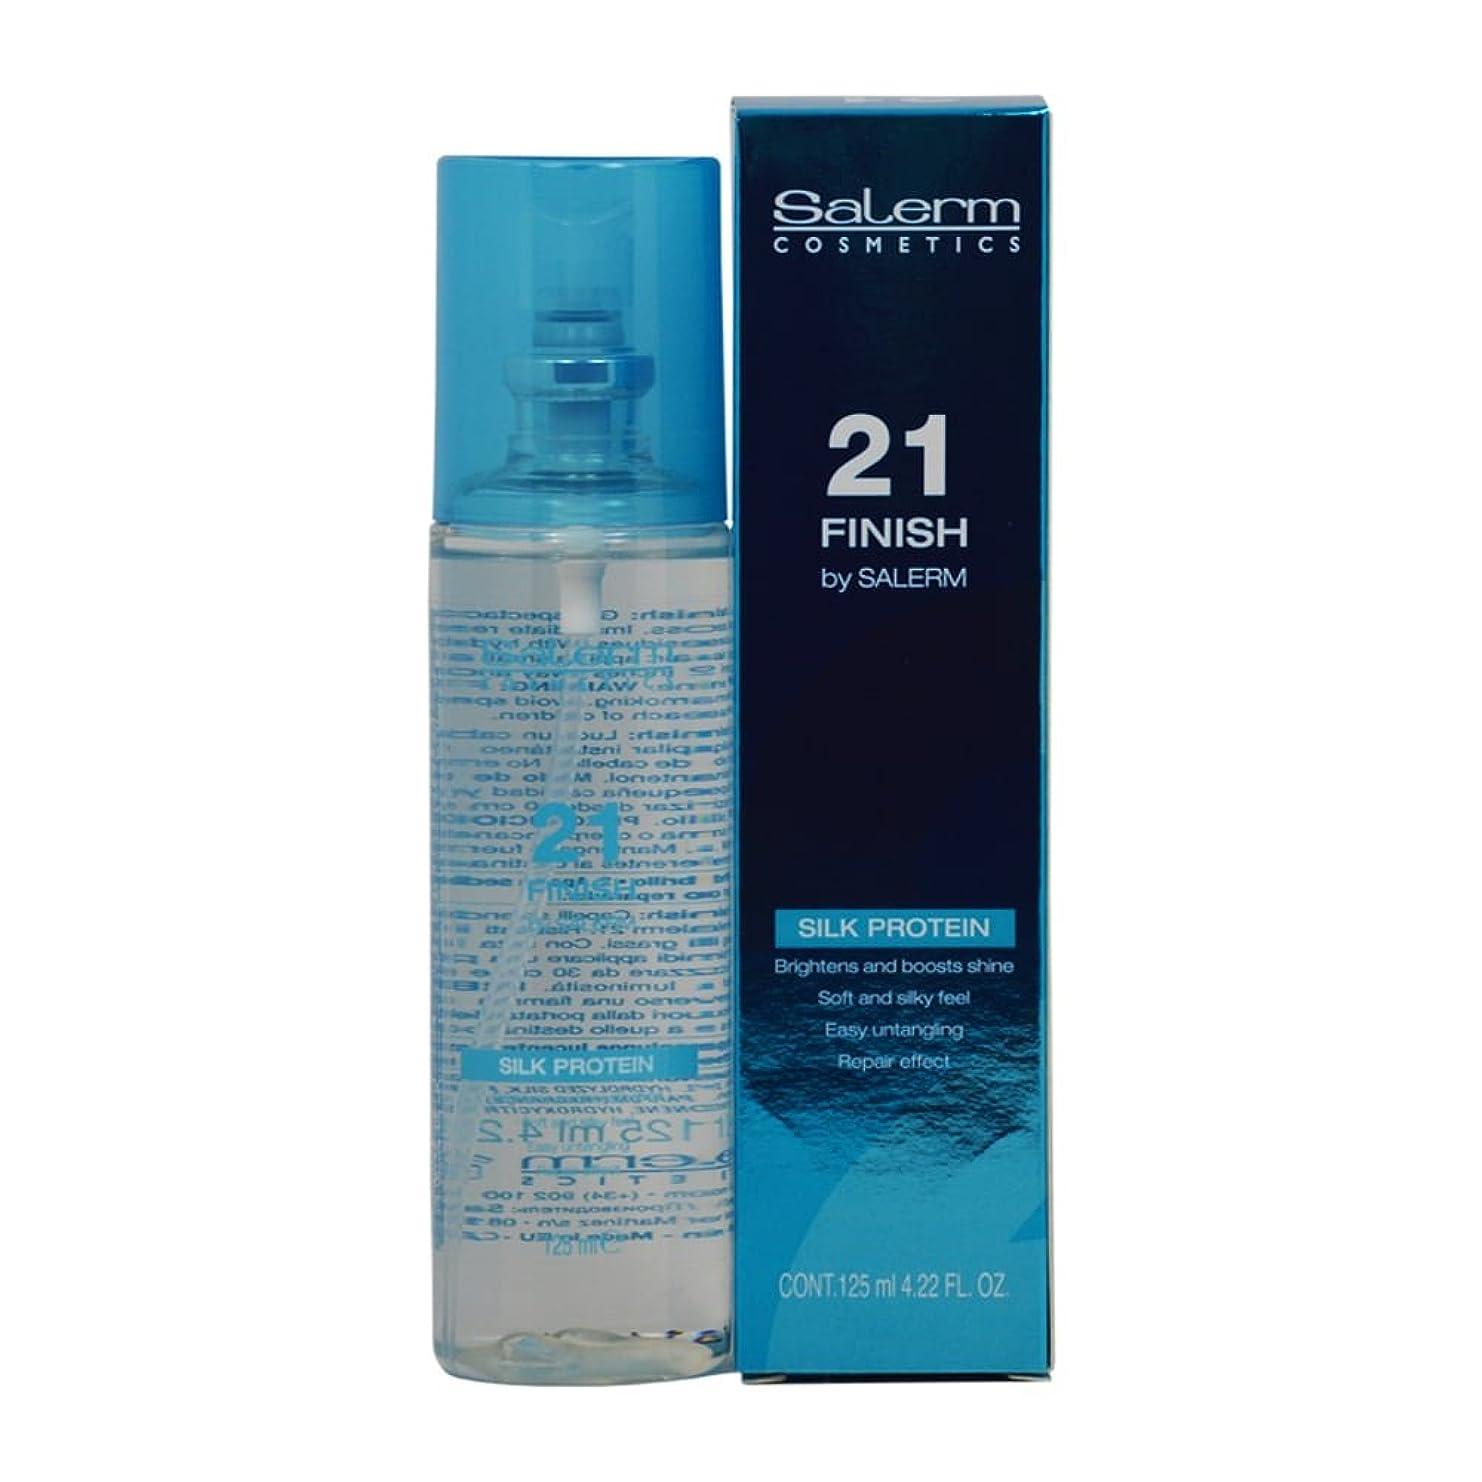 未来メドレーライターSalerm 21完了絹タンパク質4.22オンススプレー 4.22液量オンス